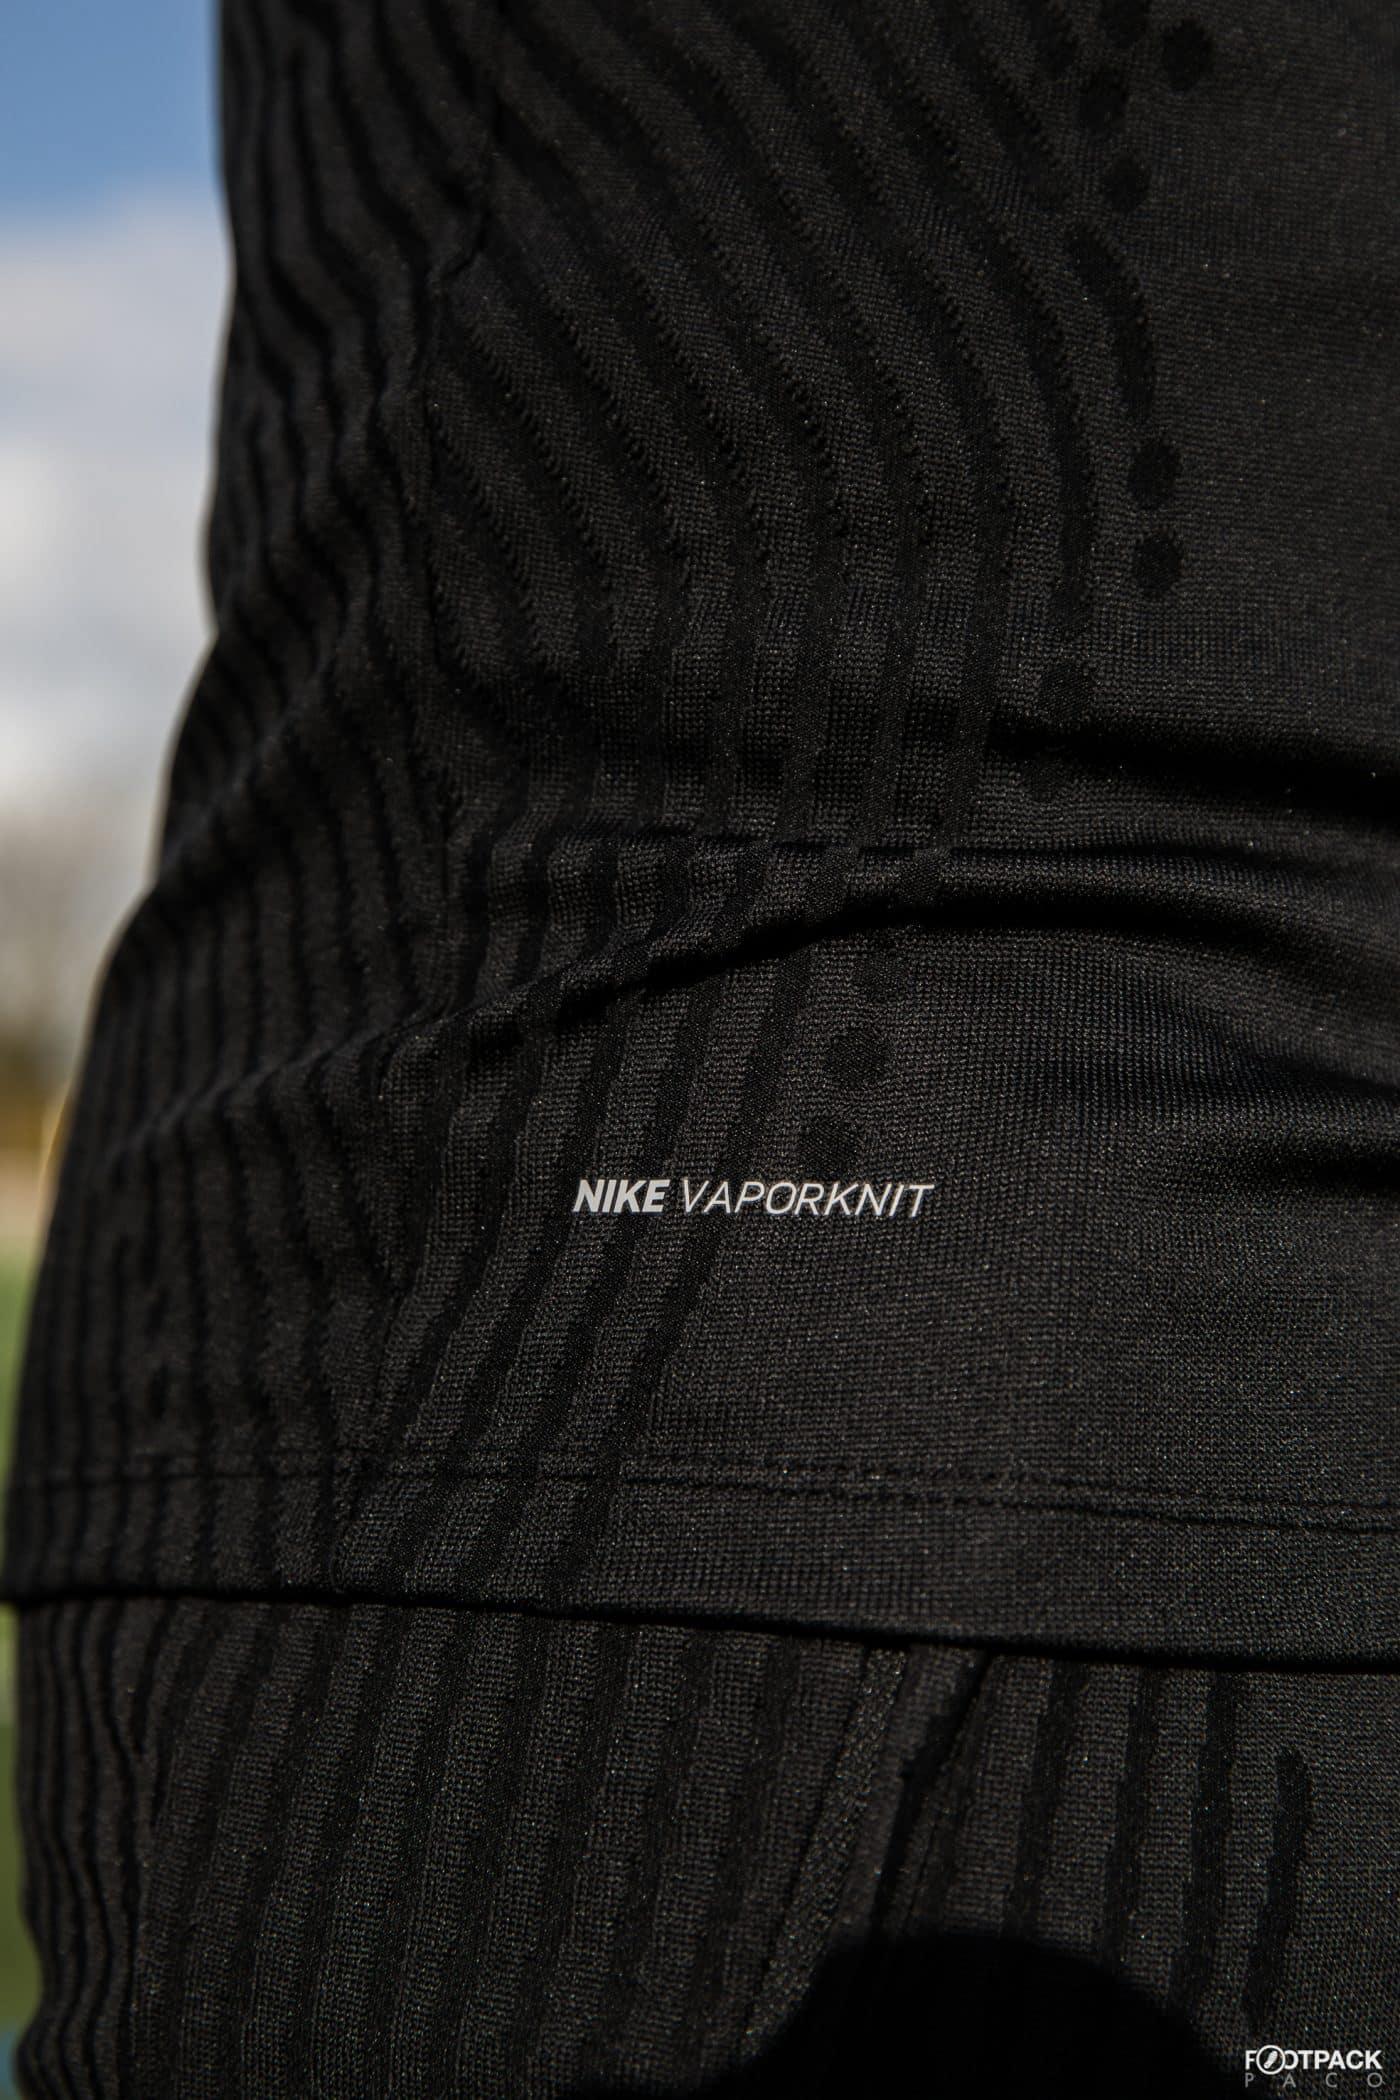 textile-entrainement-nike-next-gen-vaporknit-footpack-1